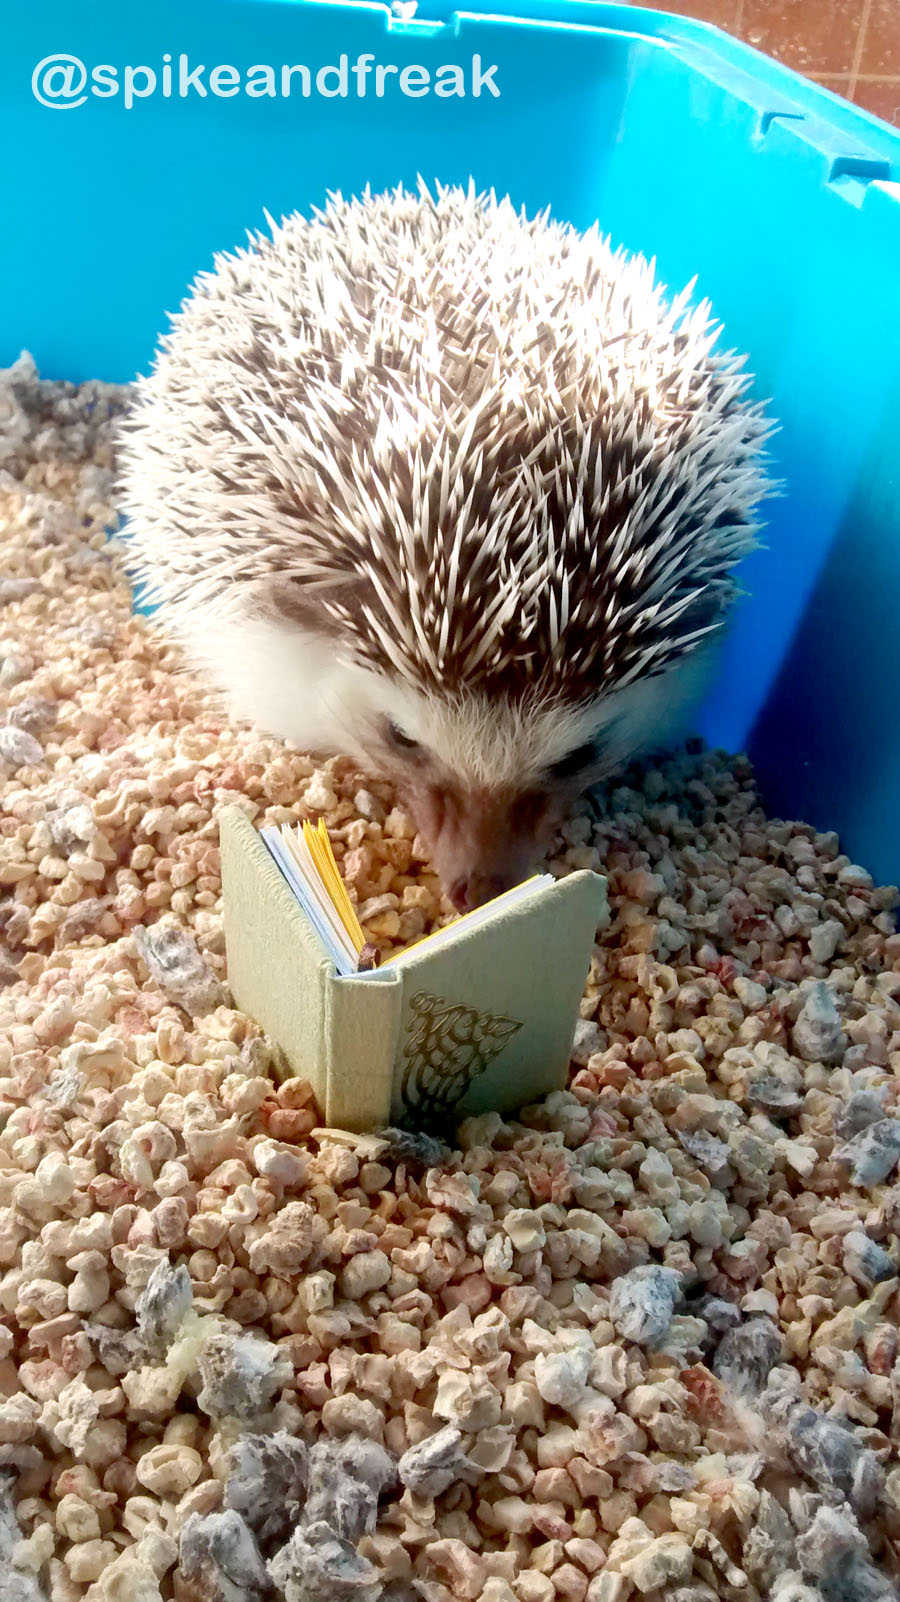 ¿Qué estará leyendo nuestro erizo Kierkegaard?